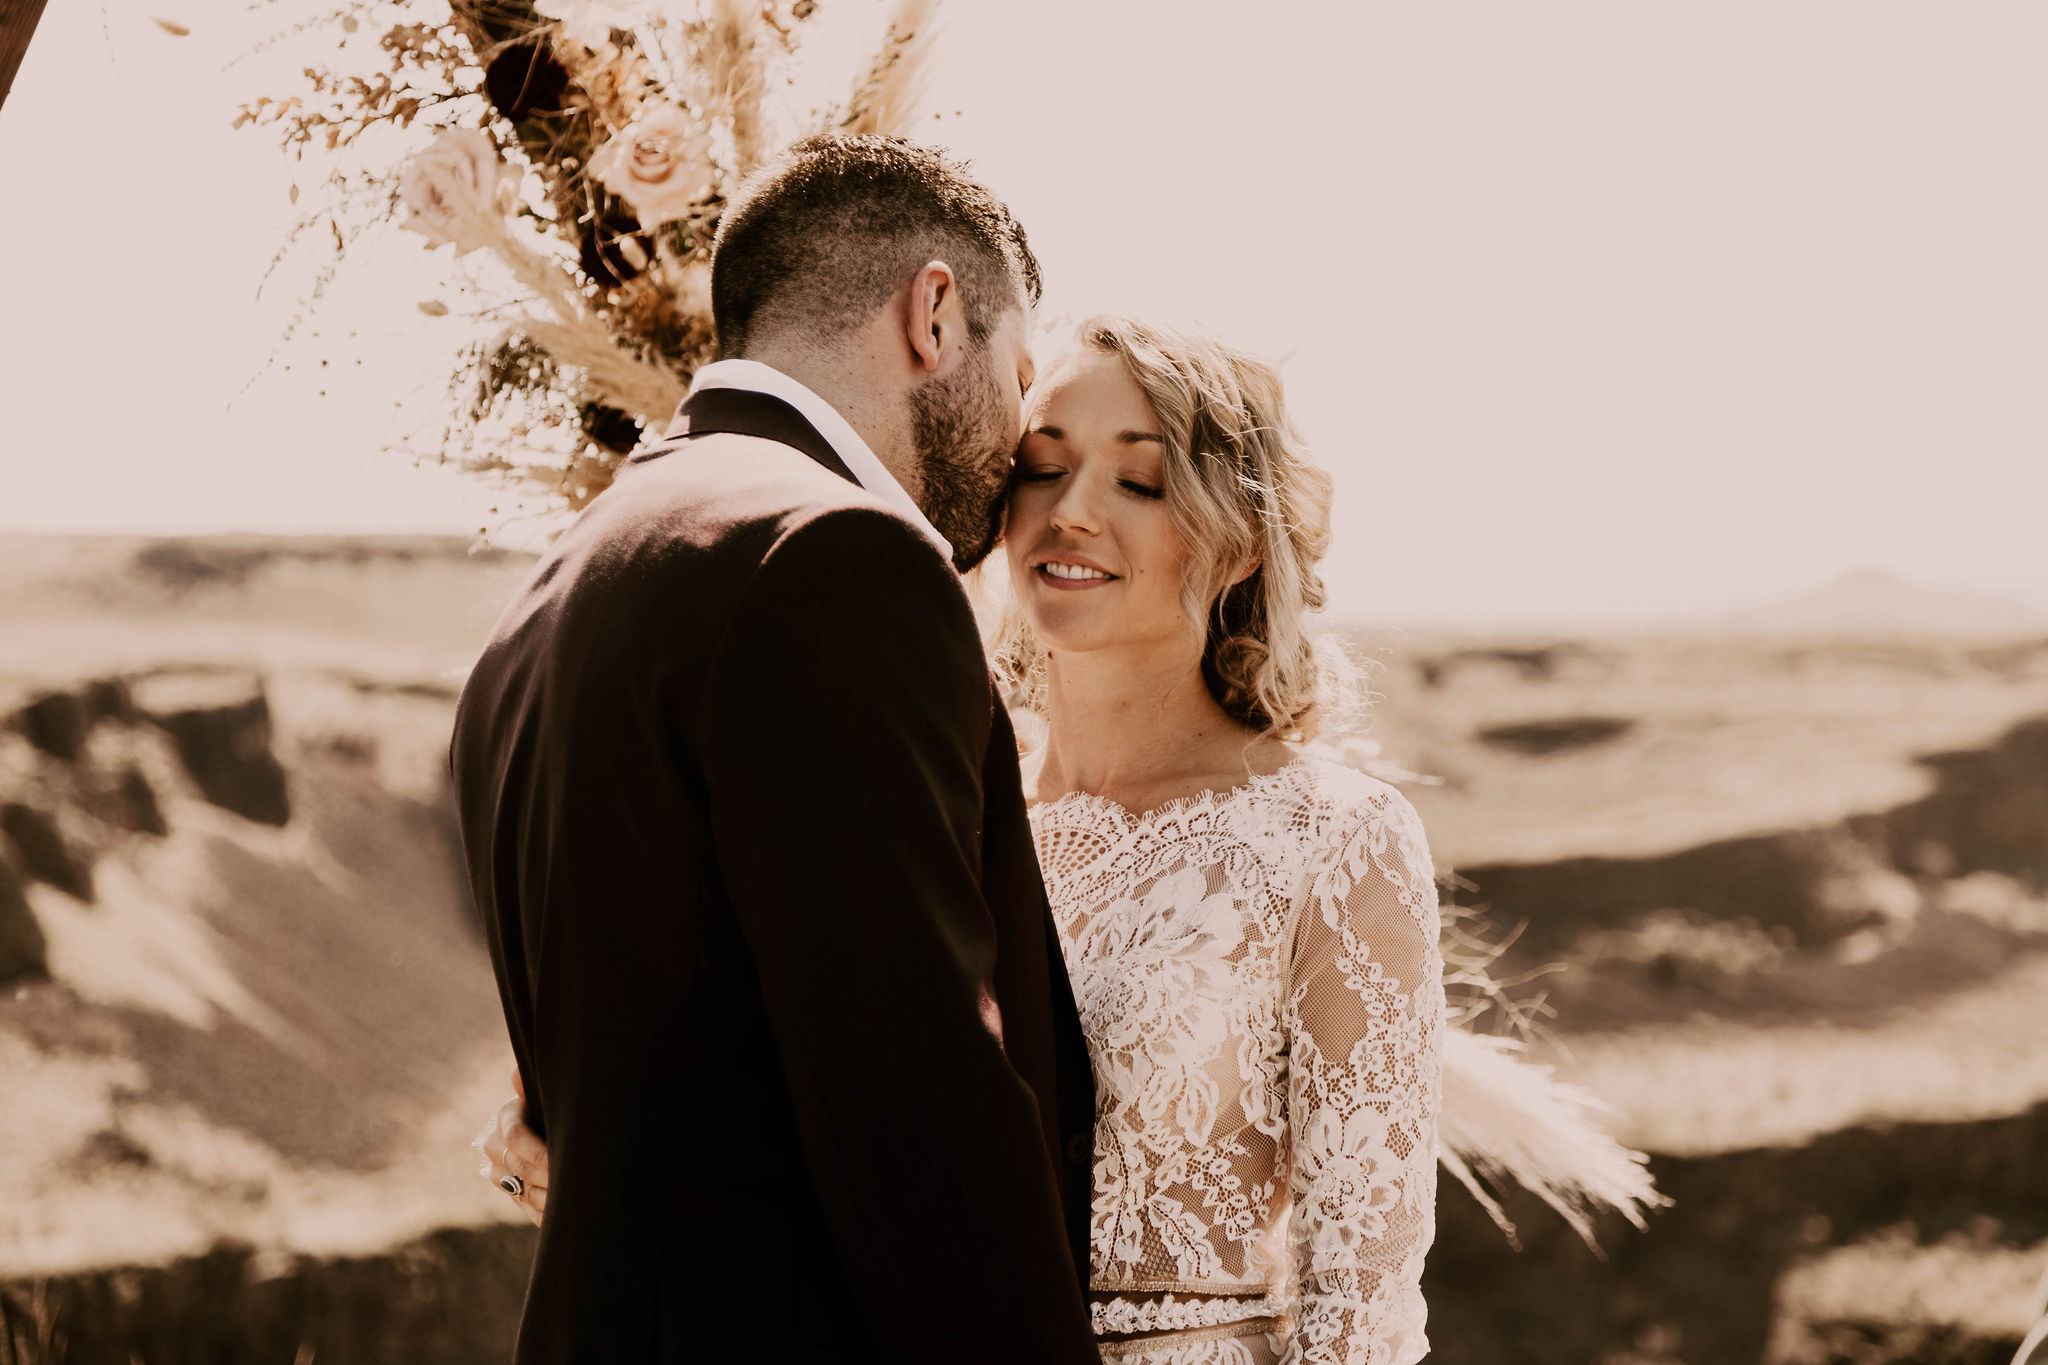 spokane summer elopement bride wedding